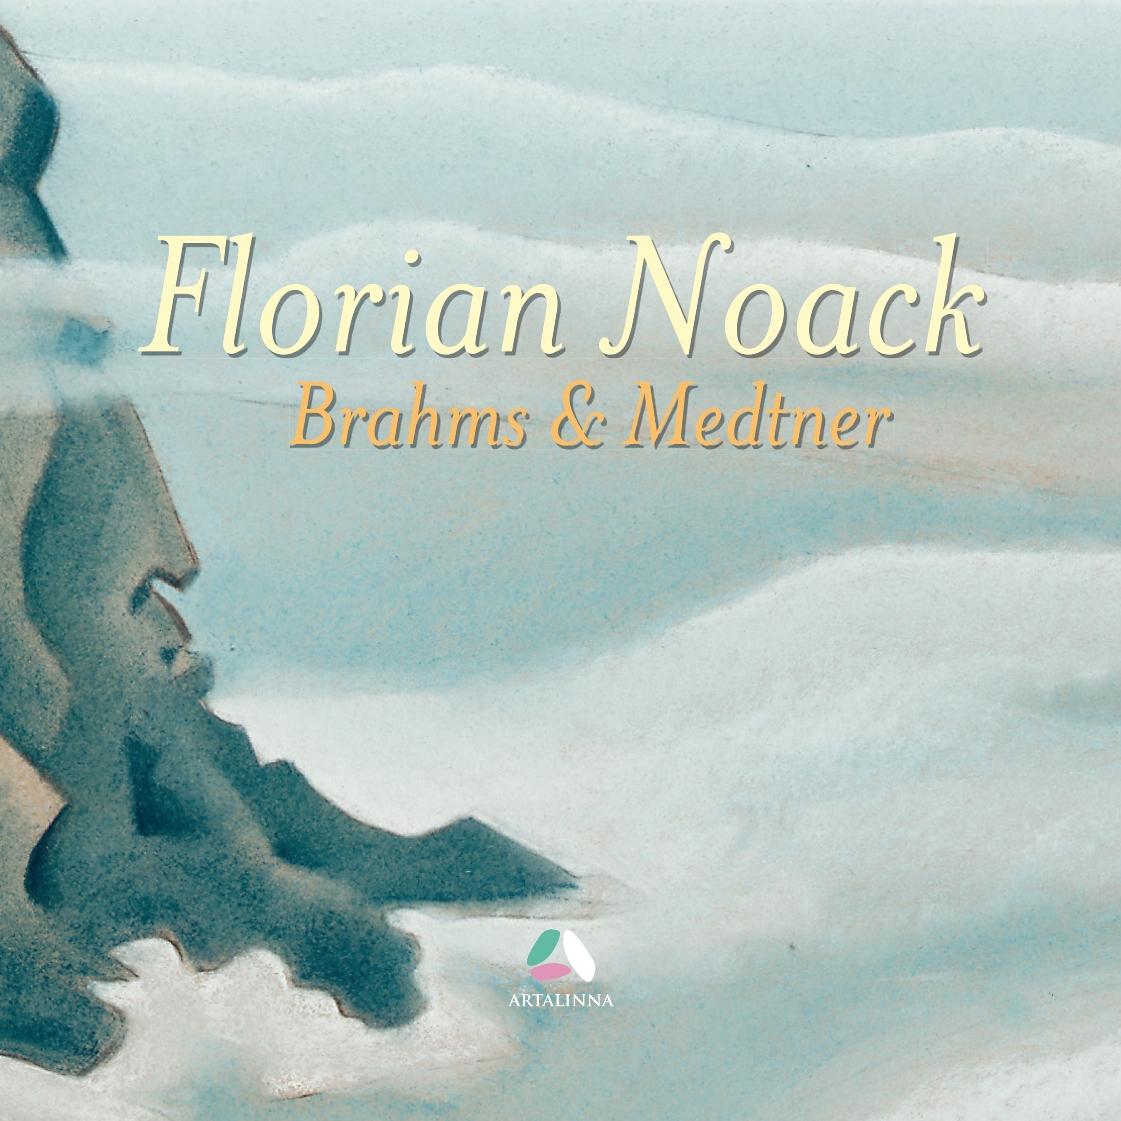 FlorianNoack_1121